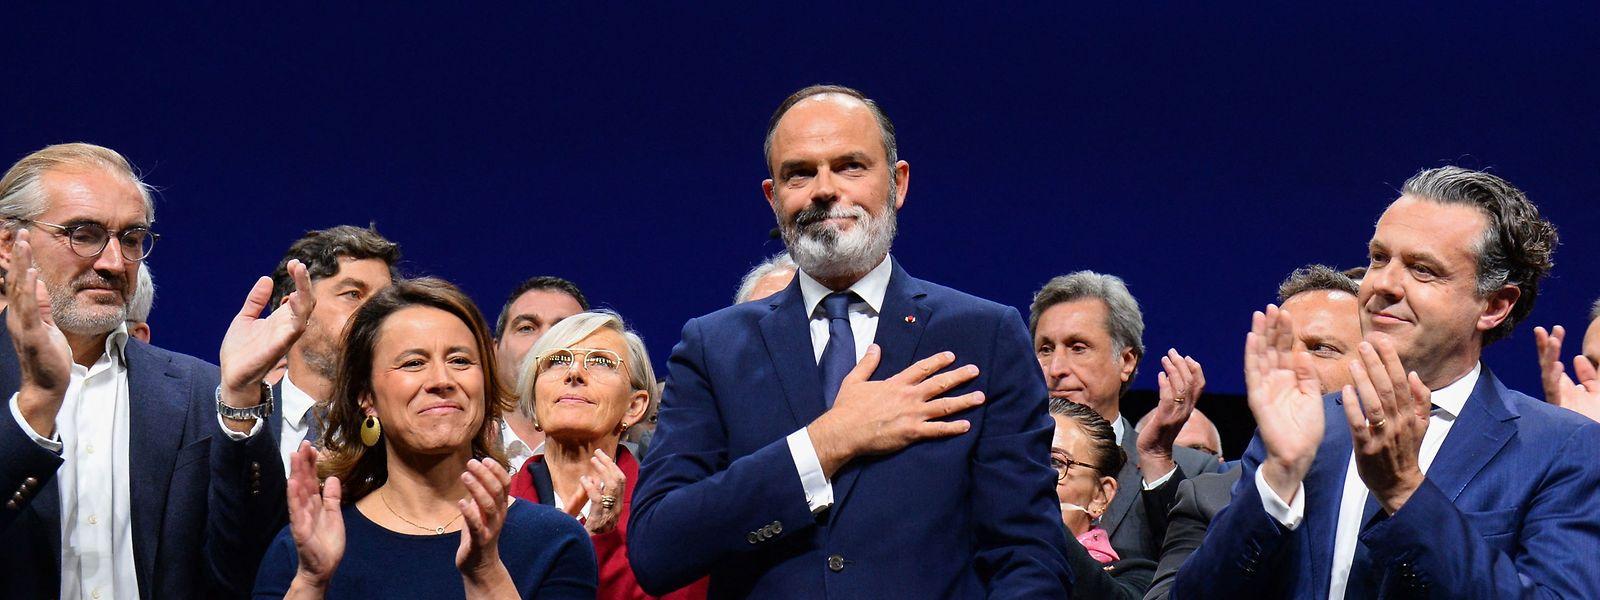 """Édouard Philippe hat mit """"Horizons"""" eine neue konservative Partei gegründet."""